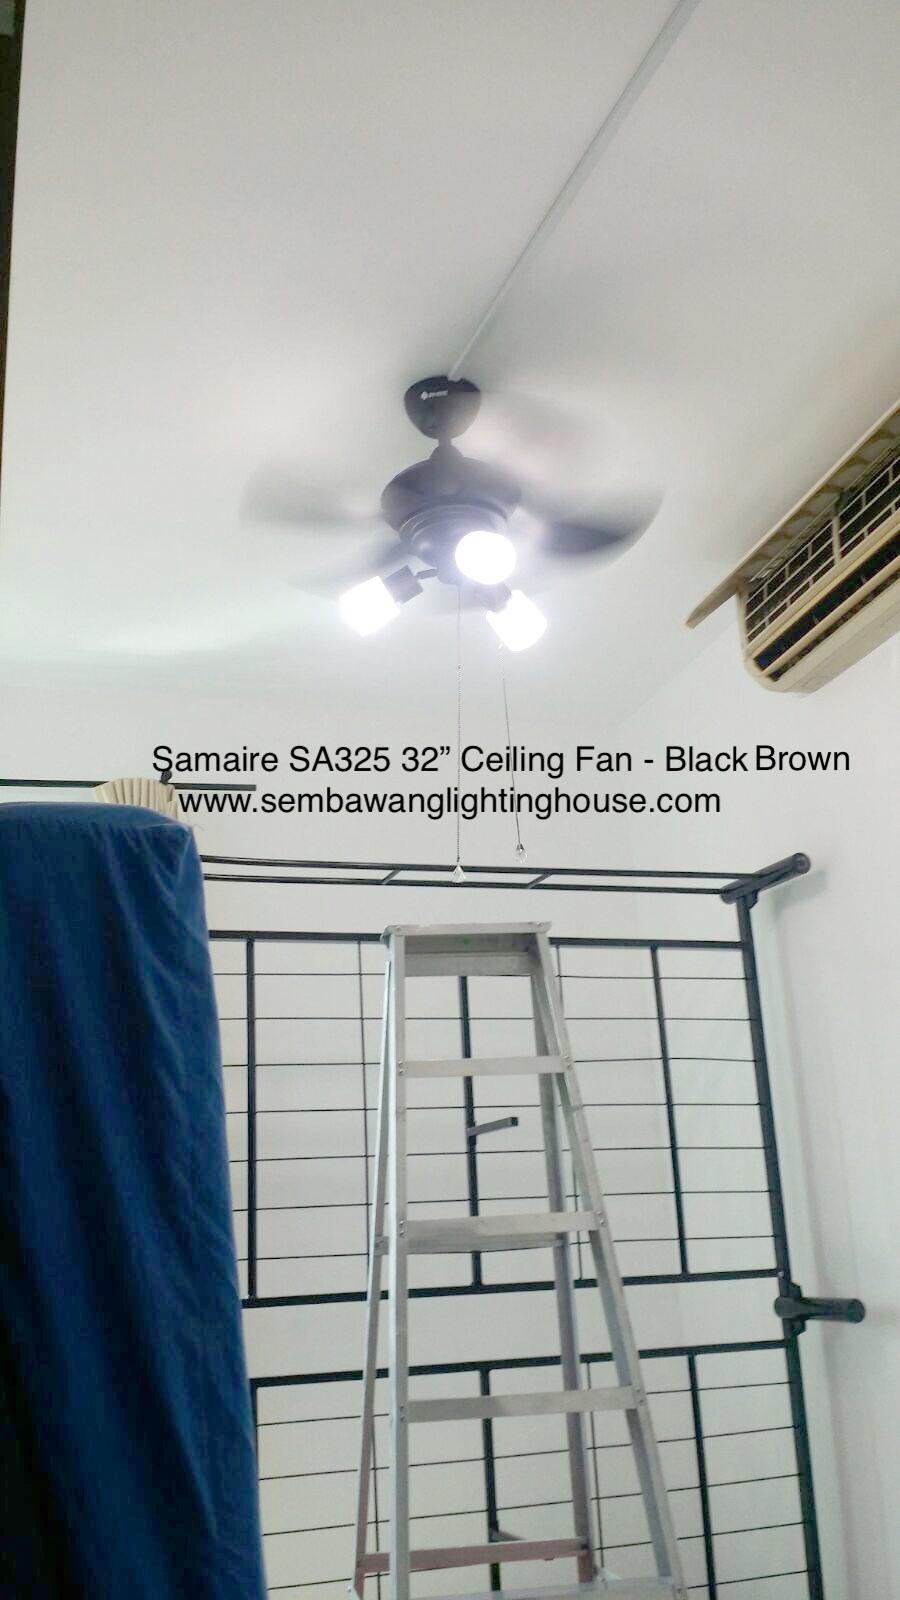 sample01-samaire-sa325-brown-ceiling-fan-sembawang-lighting-house.jpg